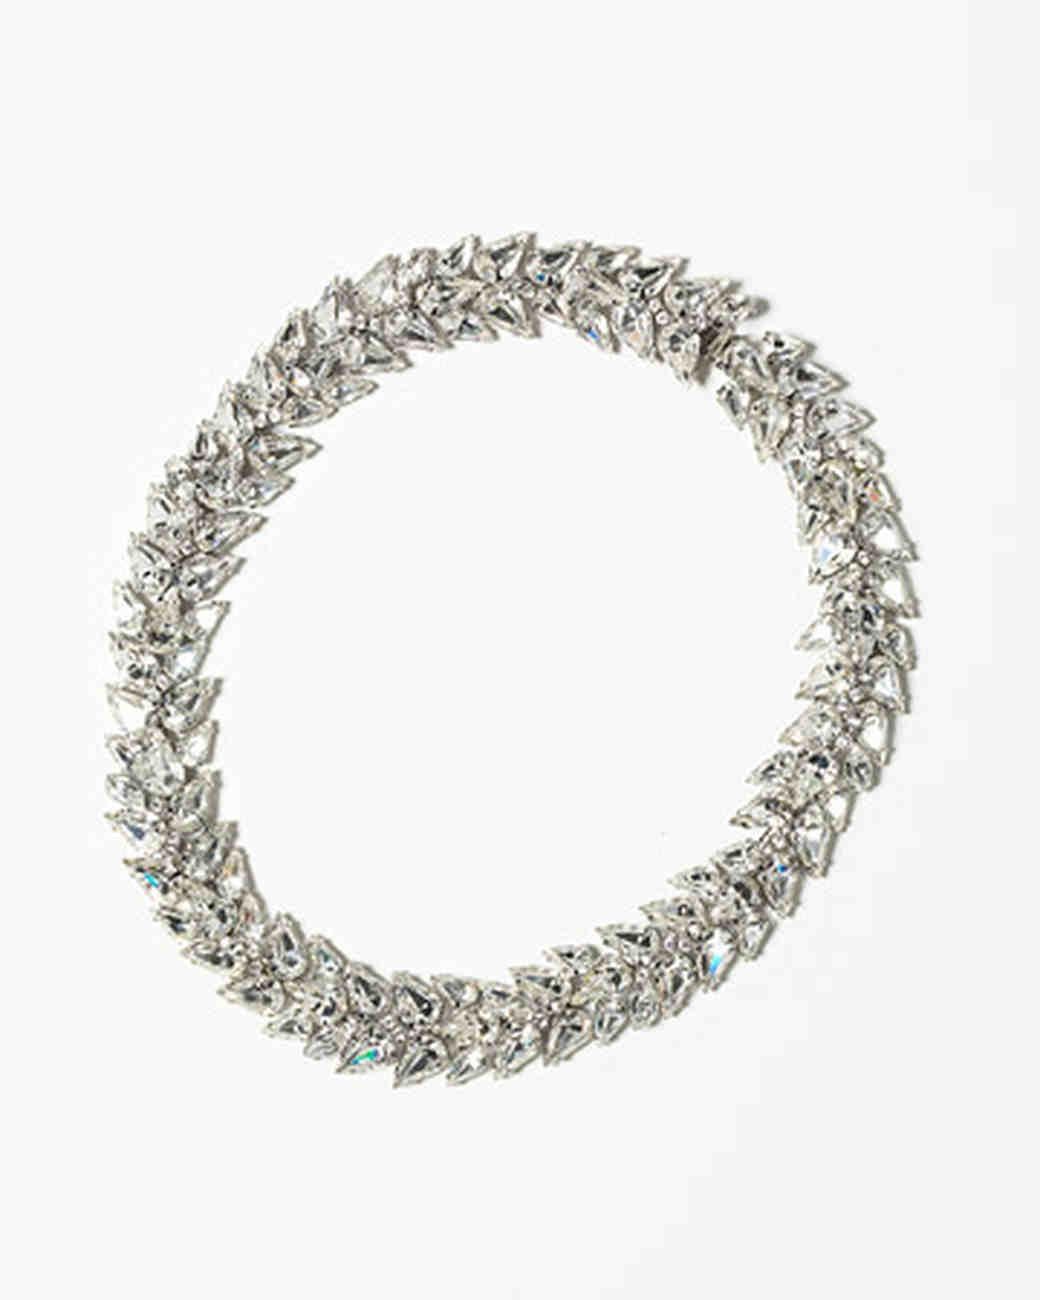 wd104606_spr09_jewelry48.jpg